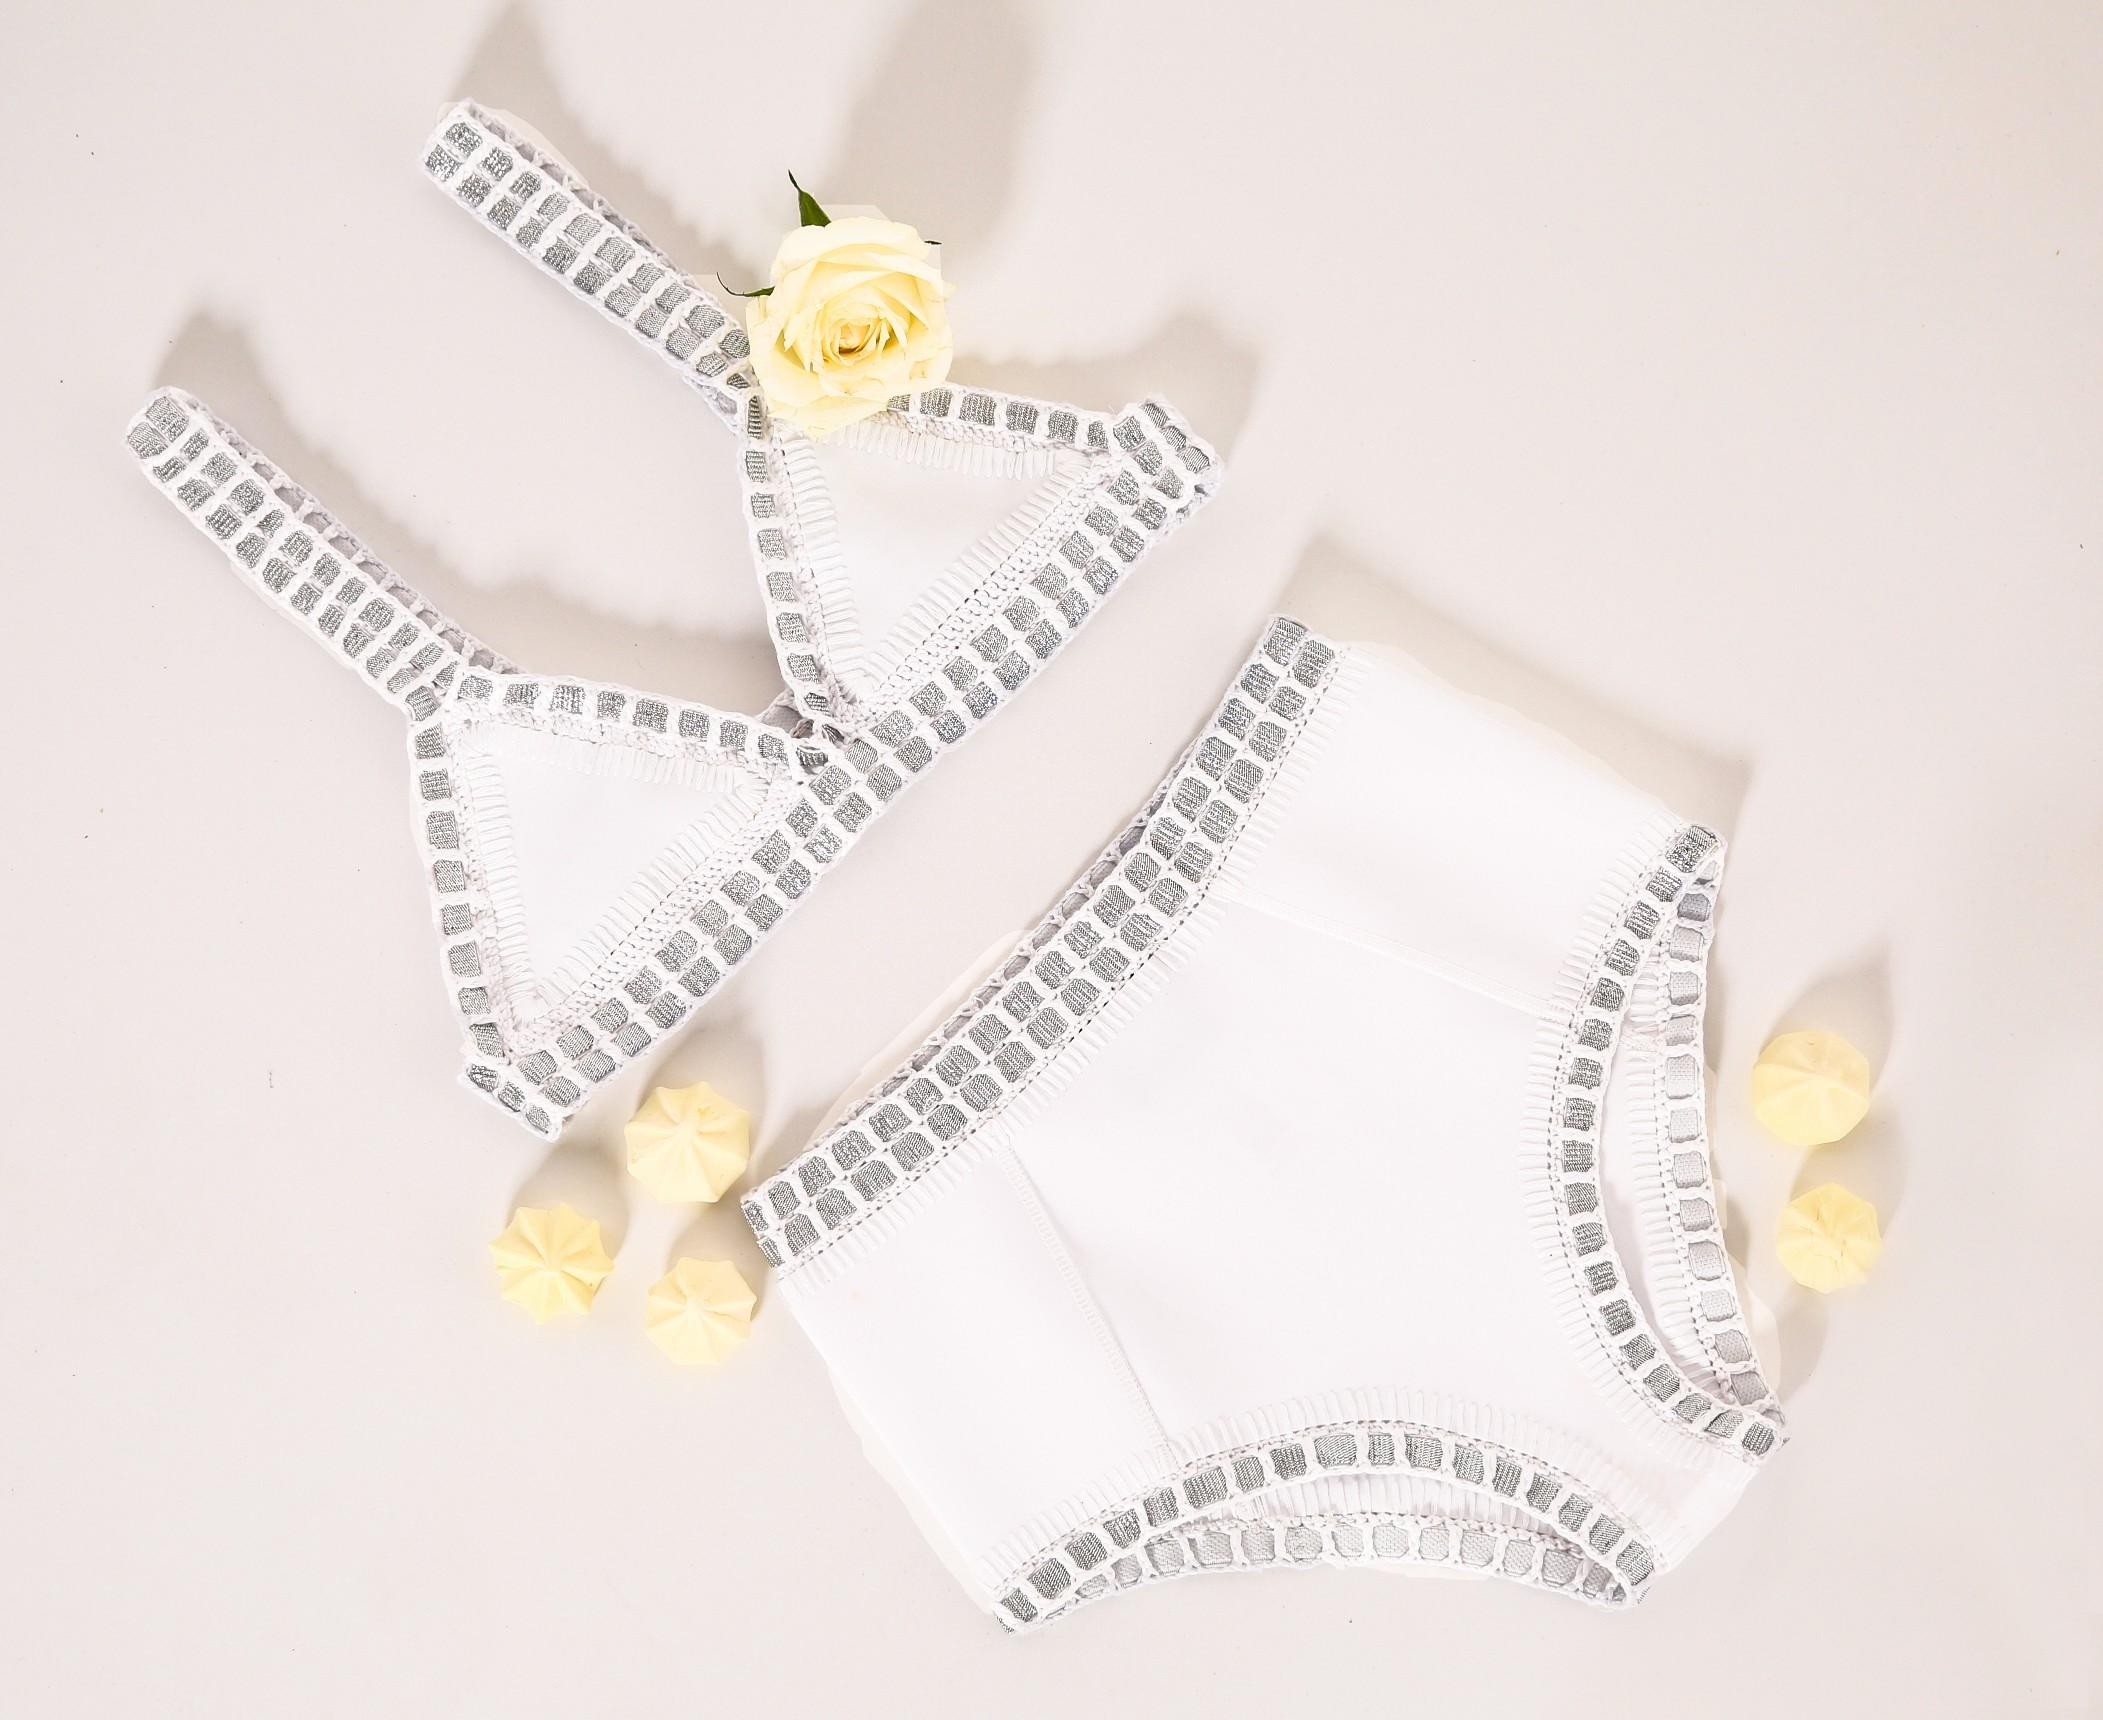 חגיגה לבנה: חמישה פריטי מאסט למסיבת רווקות בסטייל